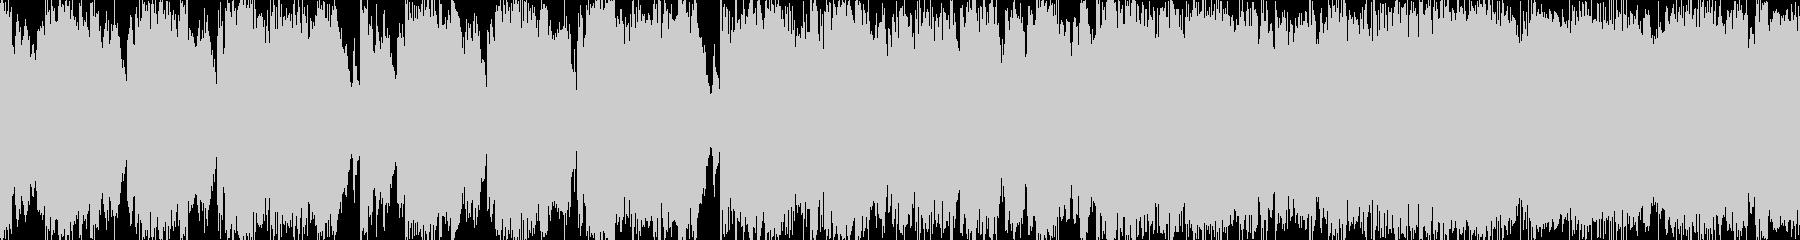 ケルト音楽風行進曲ループ BGMの未再生の波形